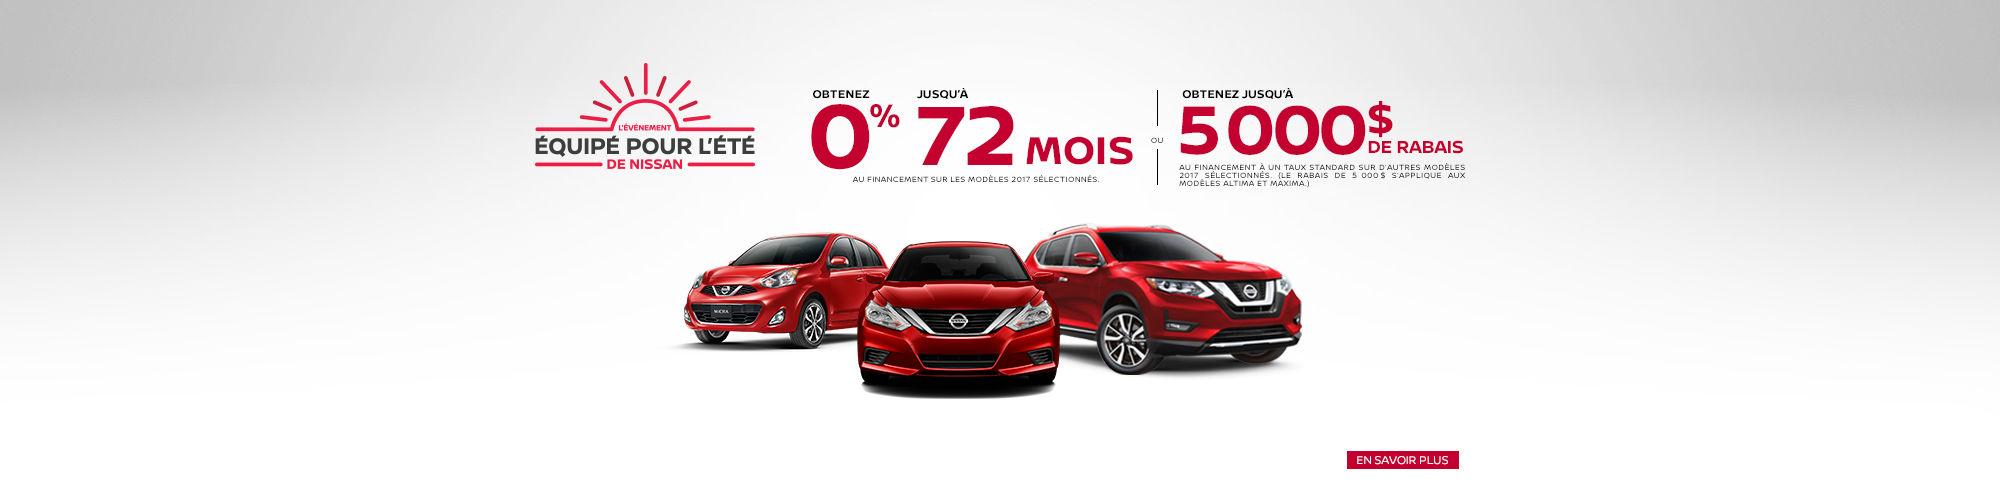 L'Événement équipé pour l'été de Nissan